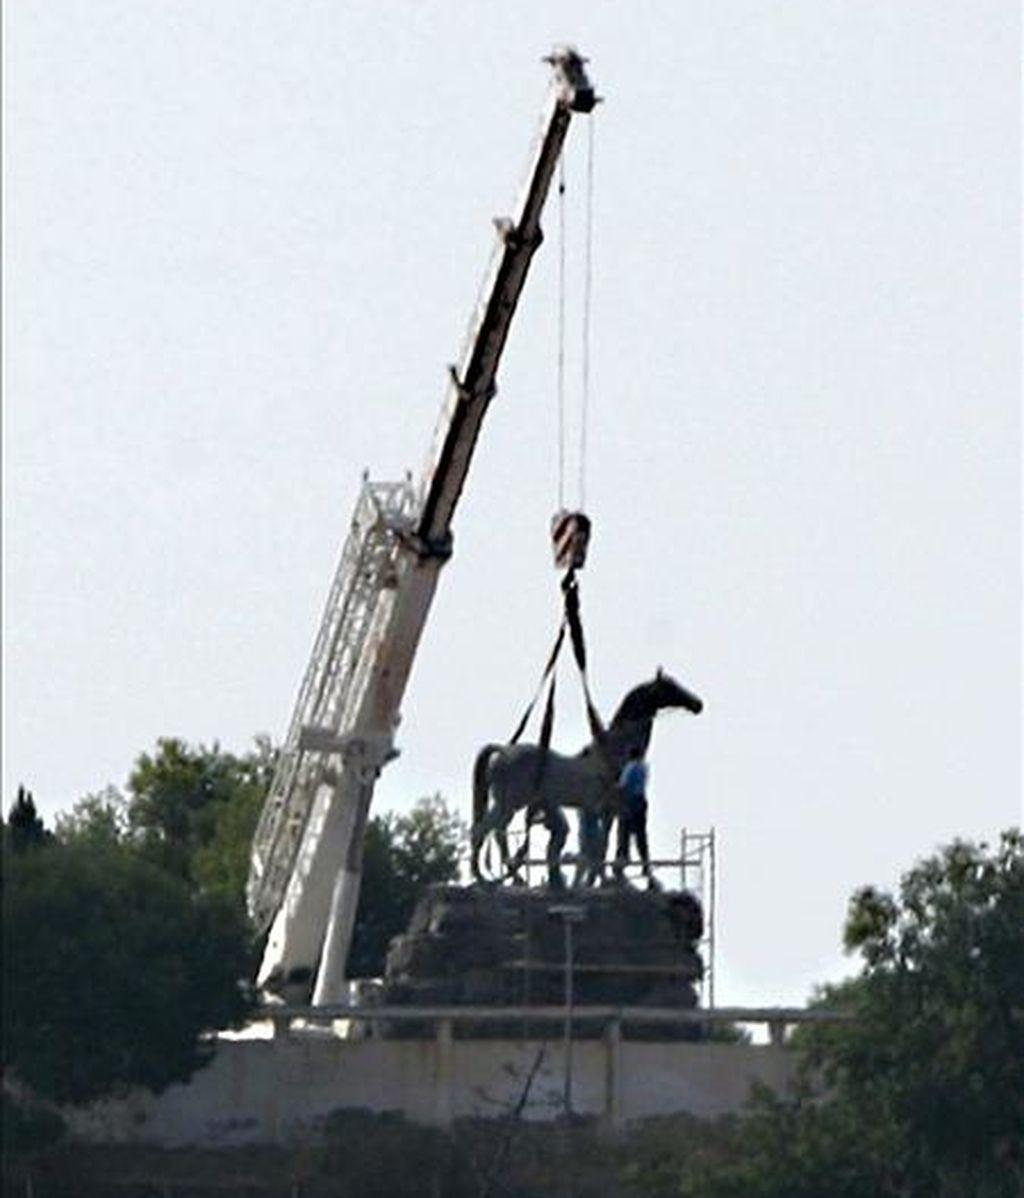 Una estatua ecuestre de Francisco Franco, la última del dictador montado a caballo que quedaba expuesta en España, fue retirada hoy del lugar donde permanecía, en el interior de un cuartel de la Legión, en Melilla. EFE